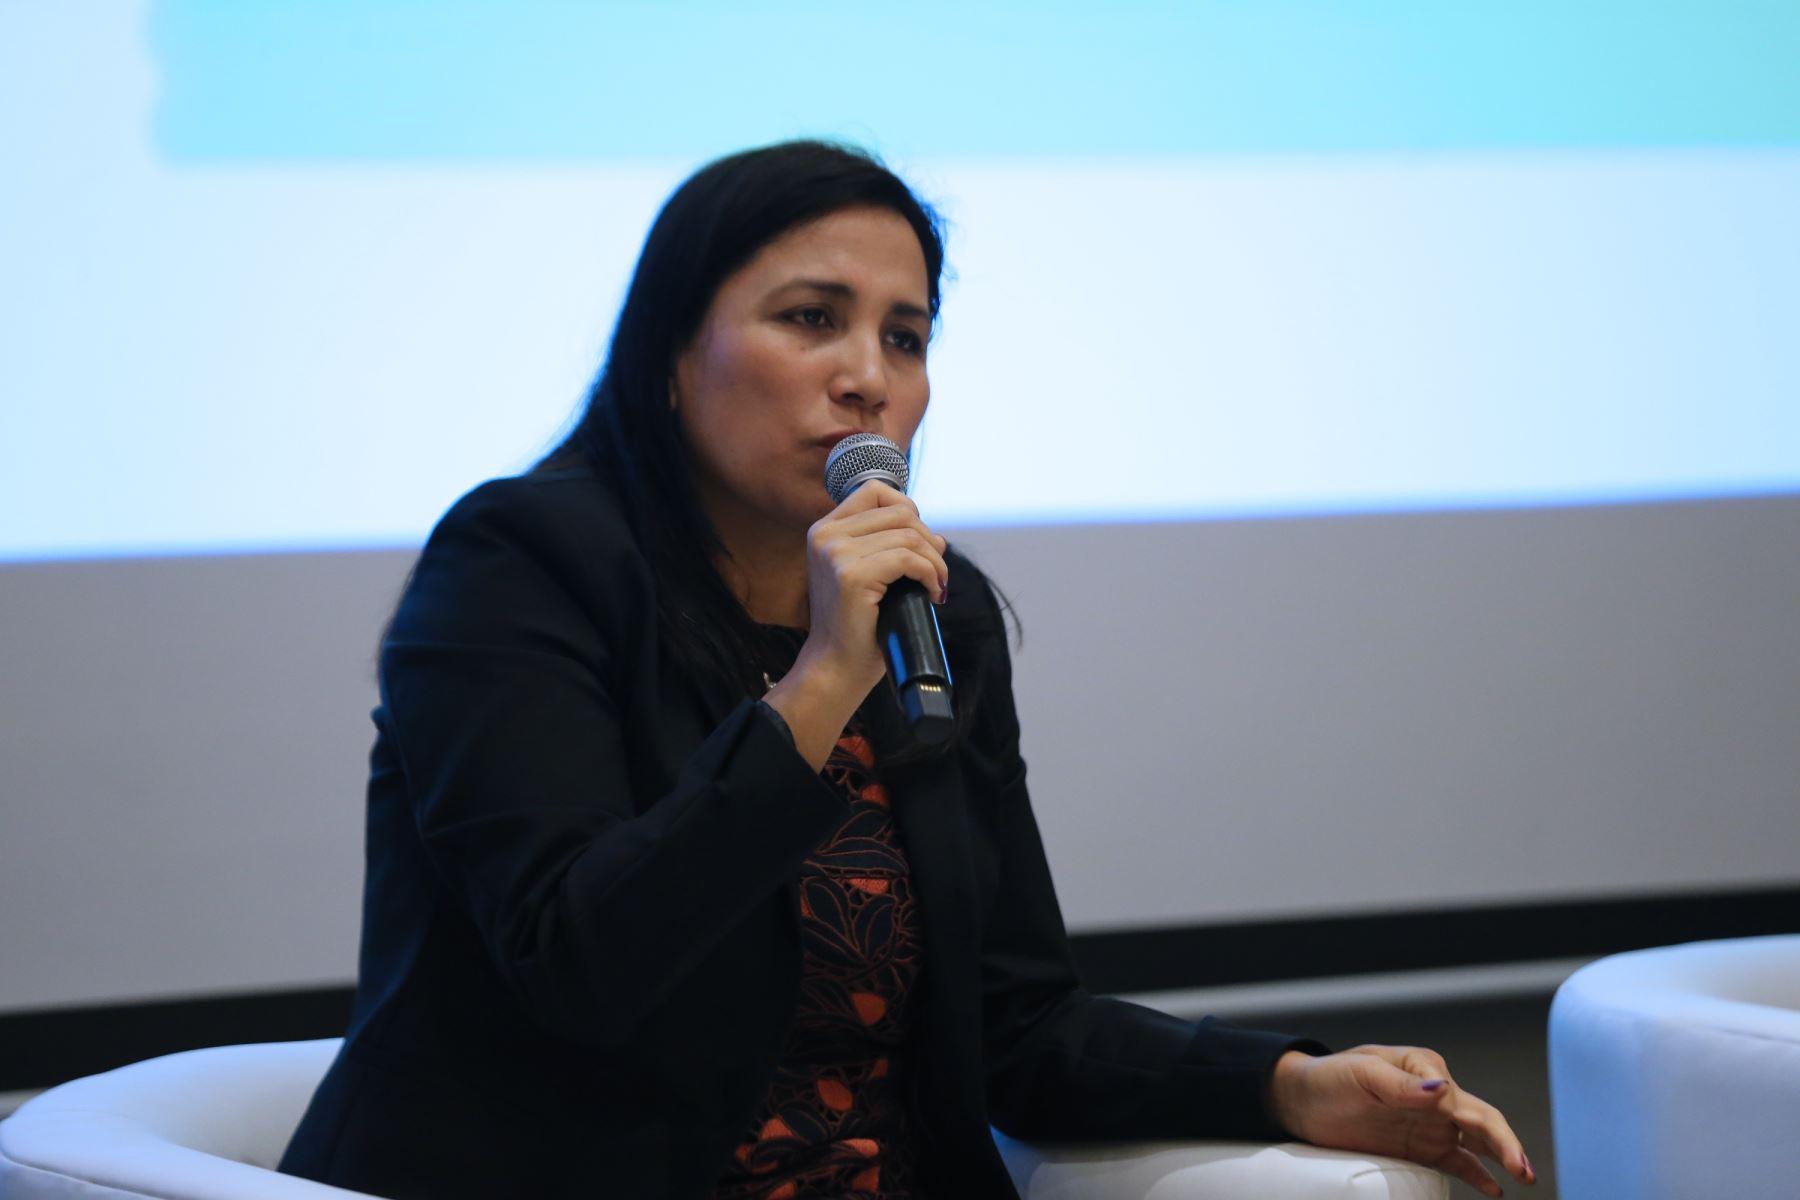 """Ministra de Educación, Flor Pablo elabora  una """"Hoja de Ruta"""" que servirá para poner en marcha el Plan de Acción con el fin de eliminar la violencia contra los niños, niñas y adolescentes 2020-2030. Foto: ANDINA/Norman Córdova"""